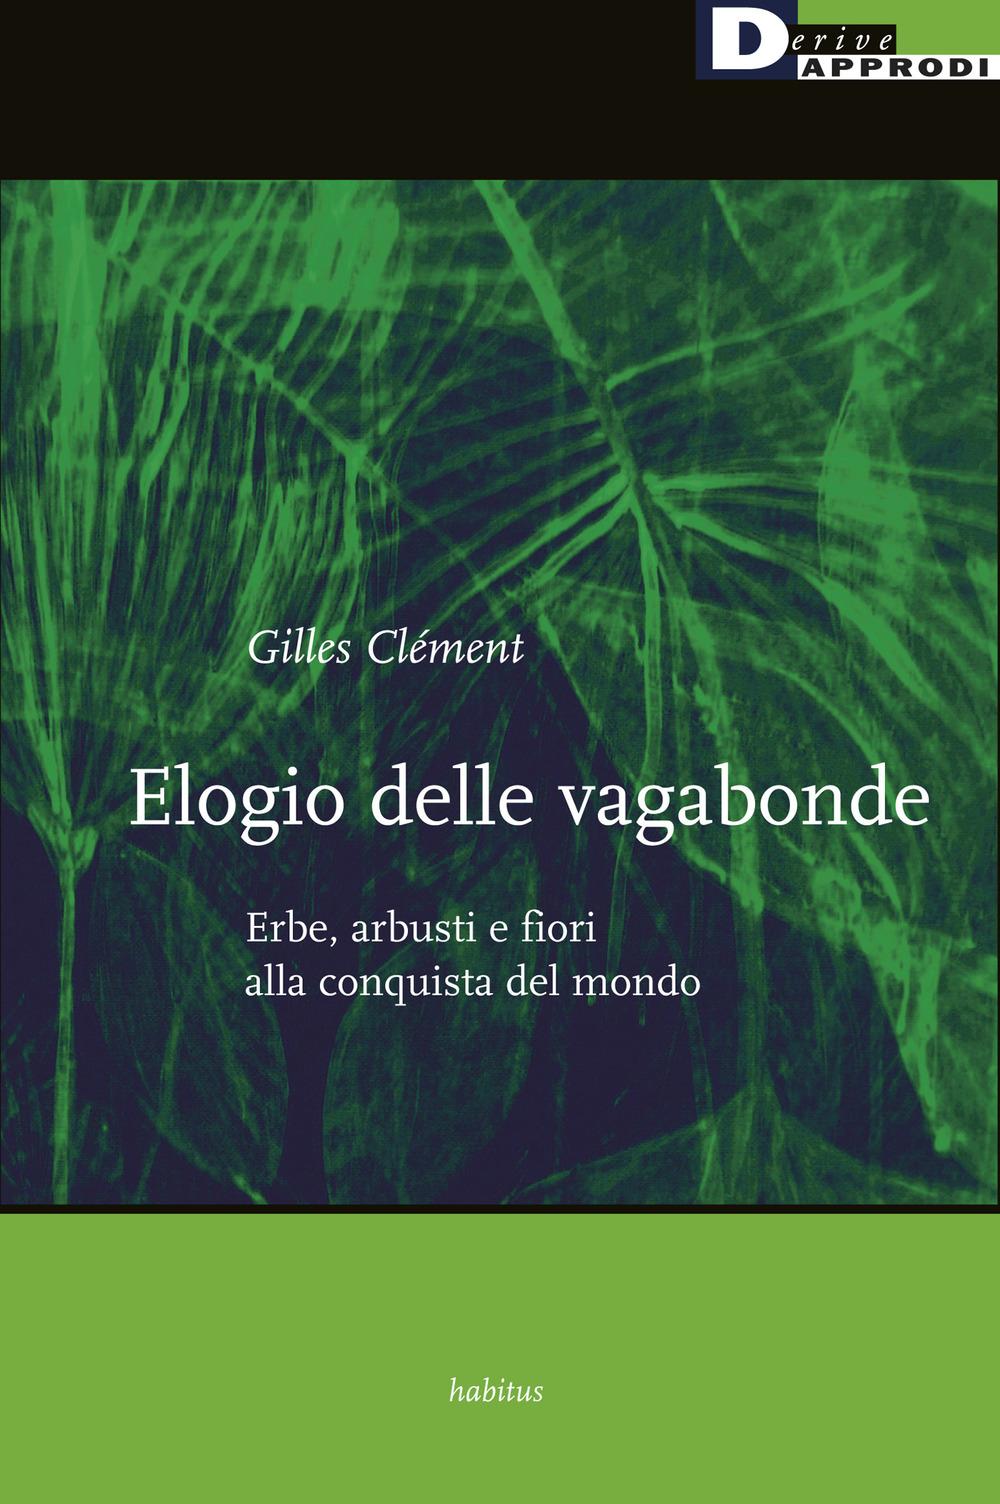 ELOGIO DELLE VAGABONDE. ERBE, ARBUSTI E FIORI ALLA CONQUISTA DEL MONDO - Clément Gilles - 9788865483343